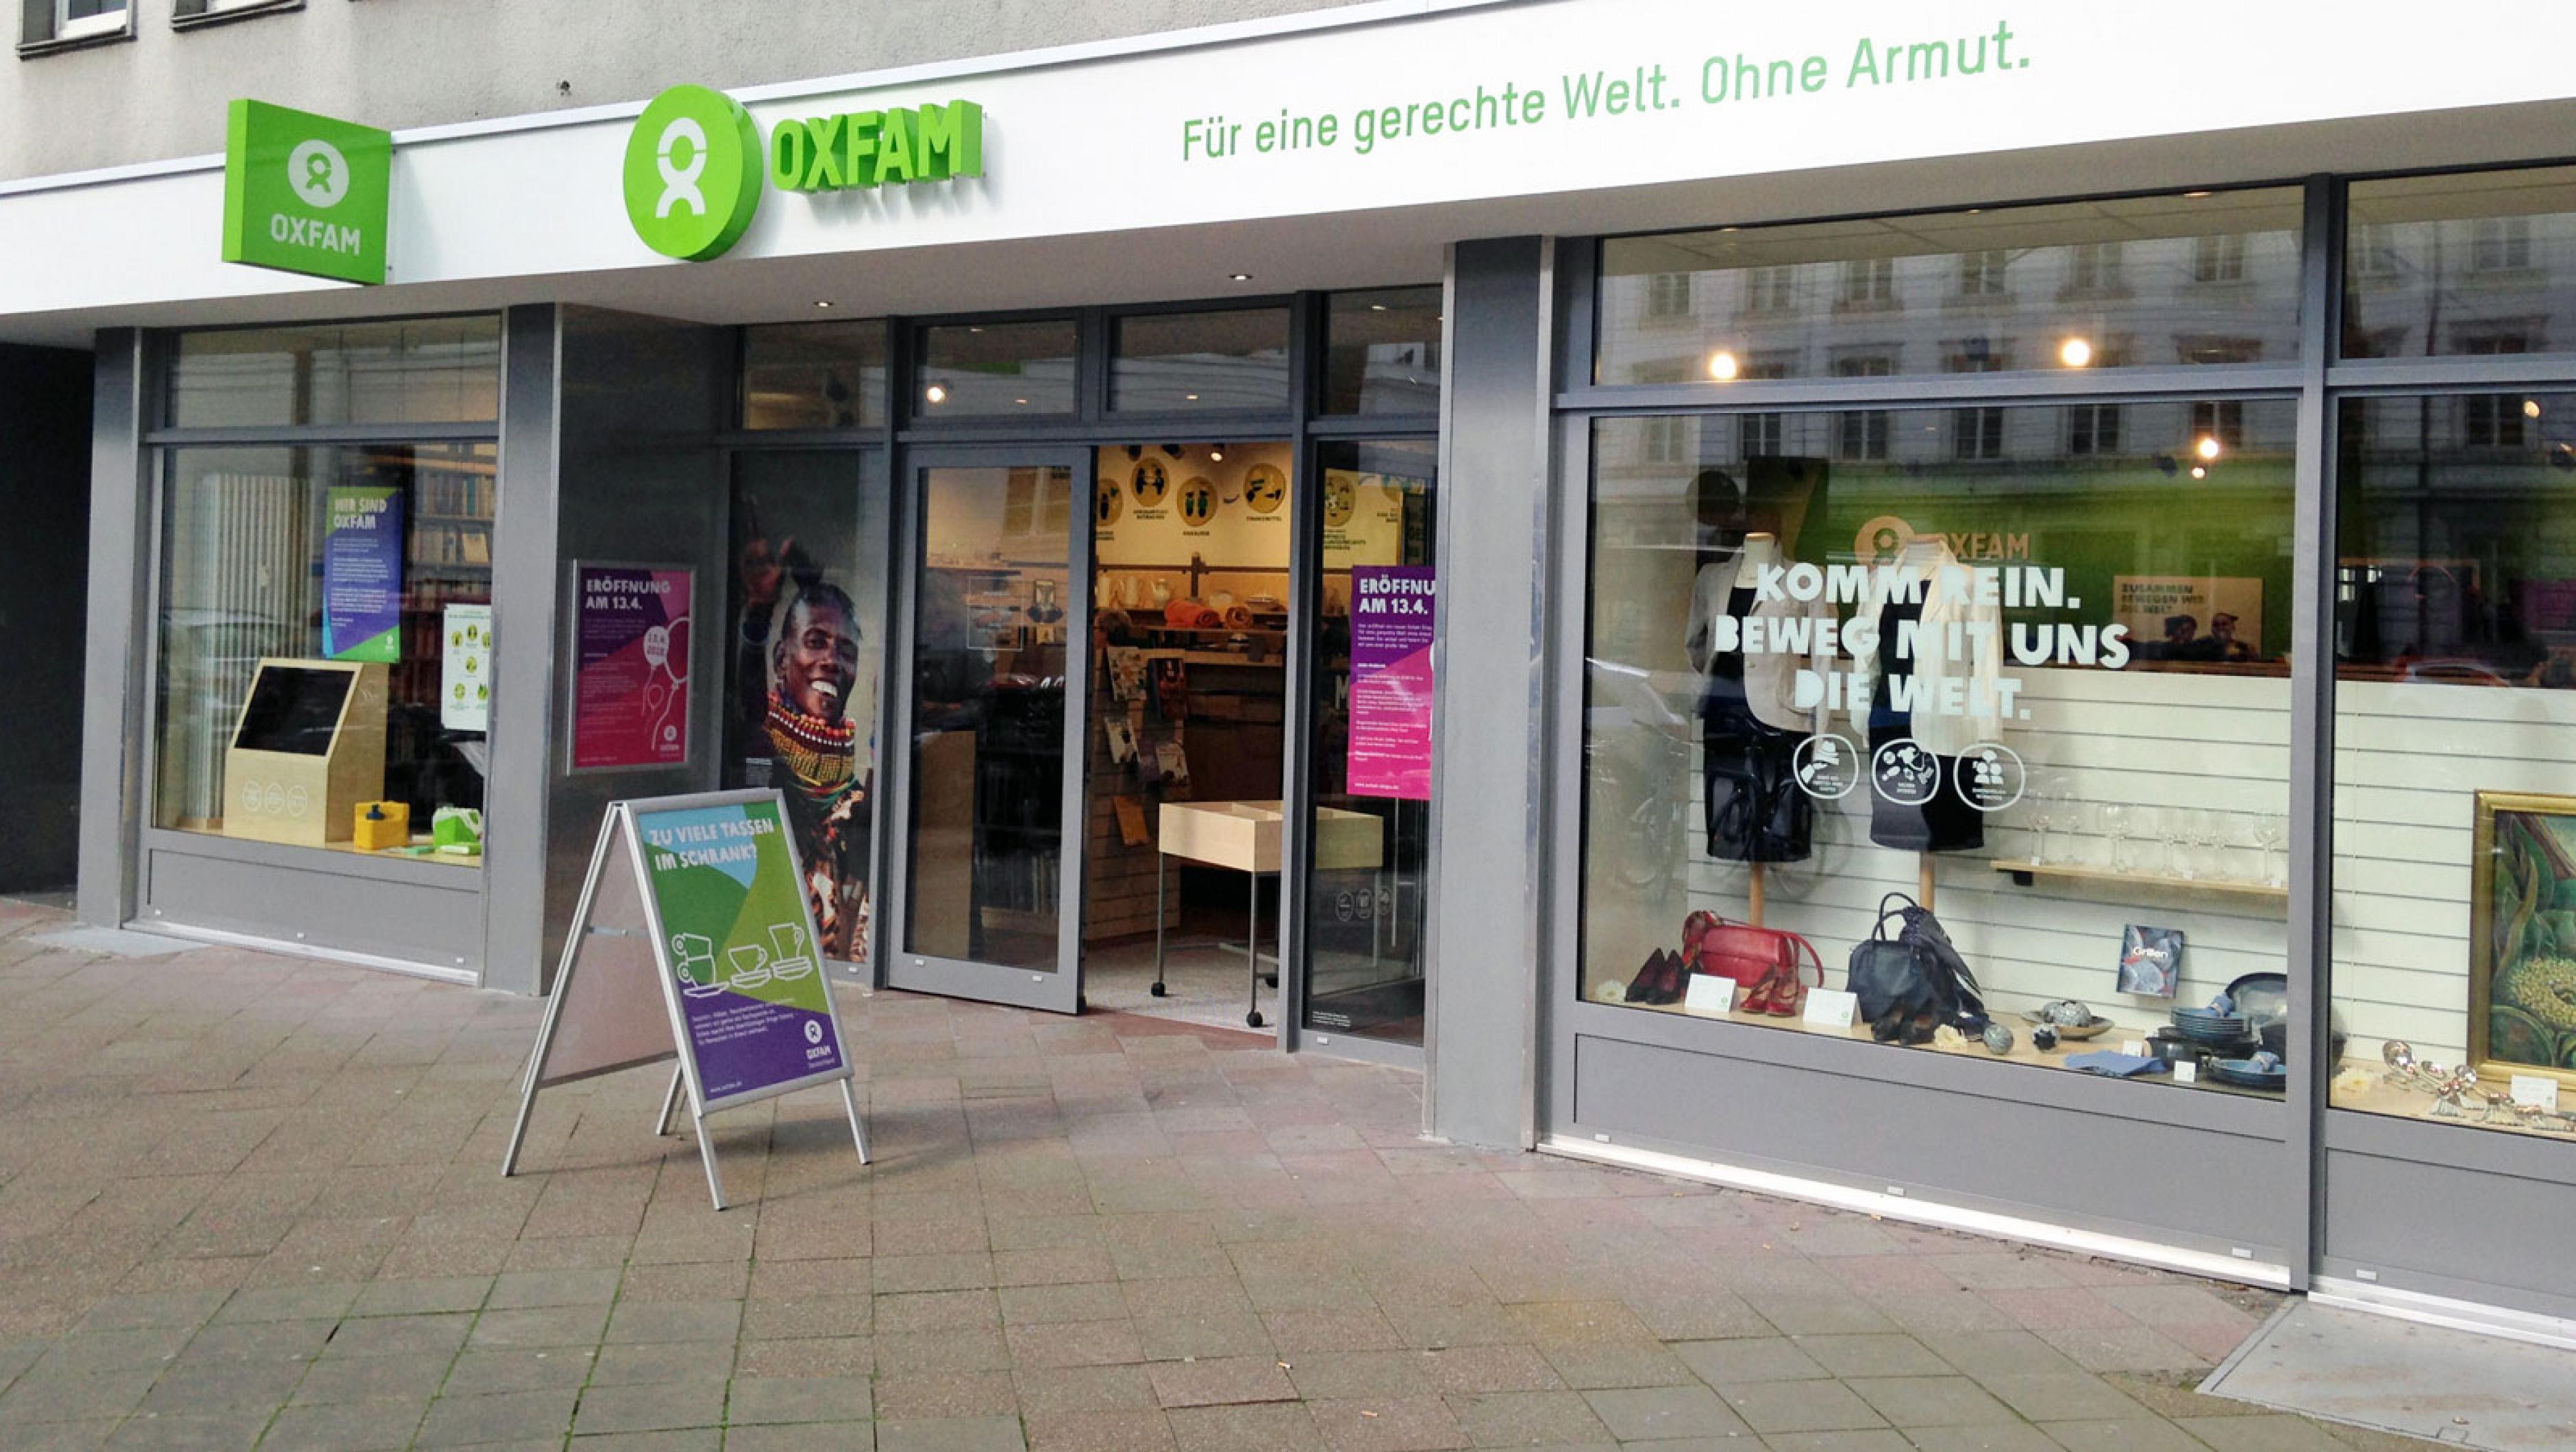 Oxfam Shop Aachen - Außenansicht